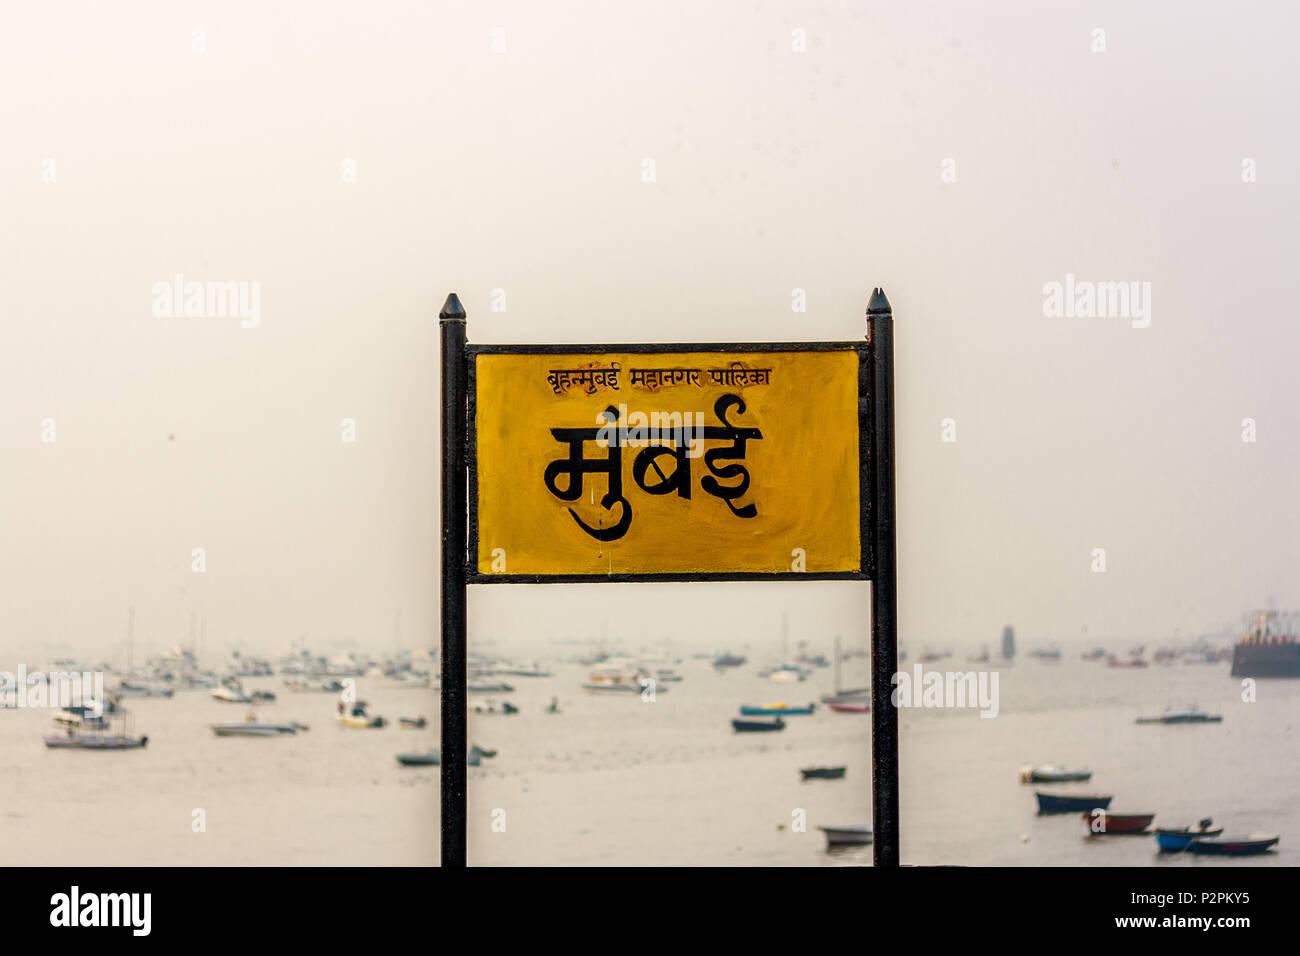 Mumbai Signboard in Marathi Language at Gateway of India, Mumbai Stock Photo